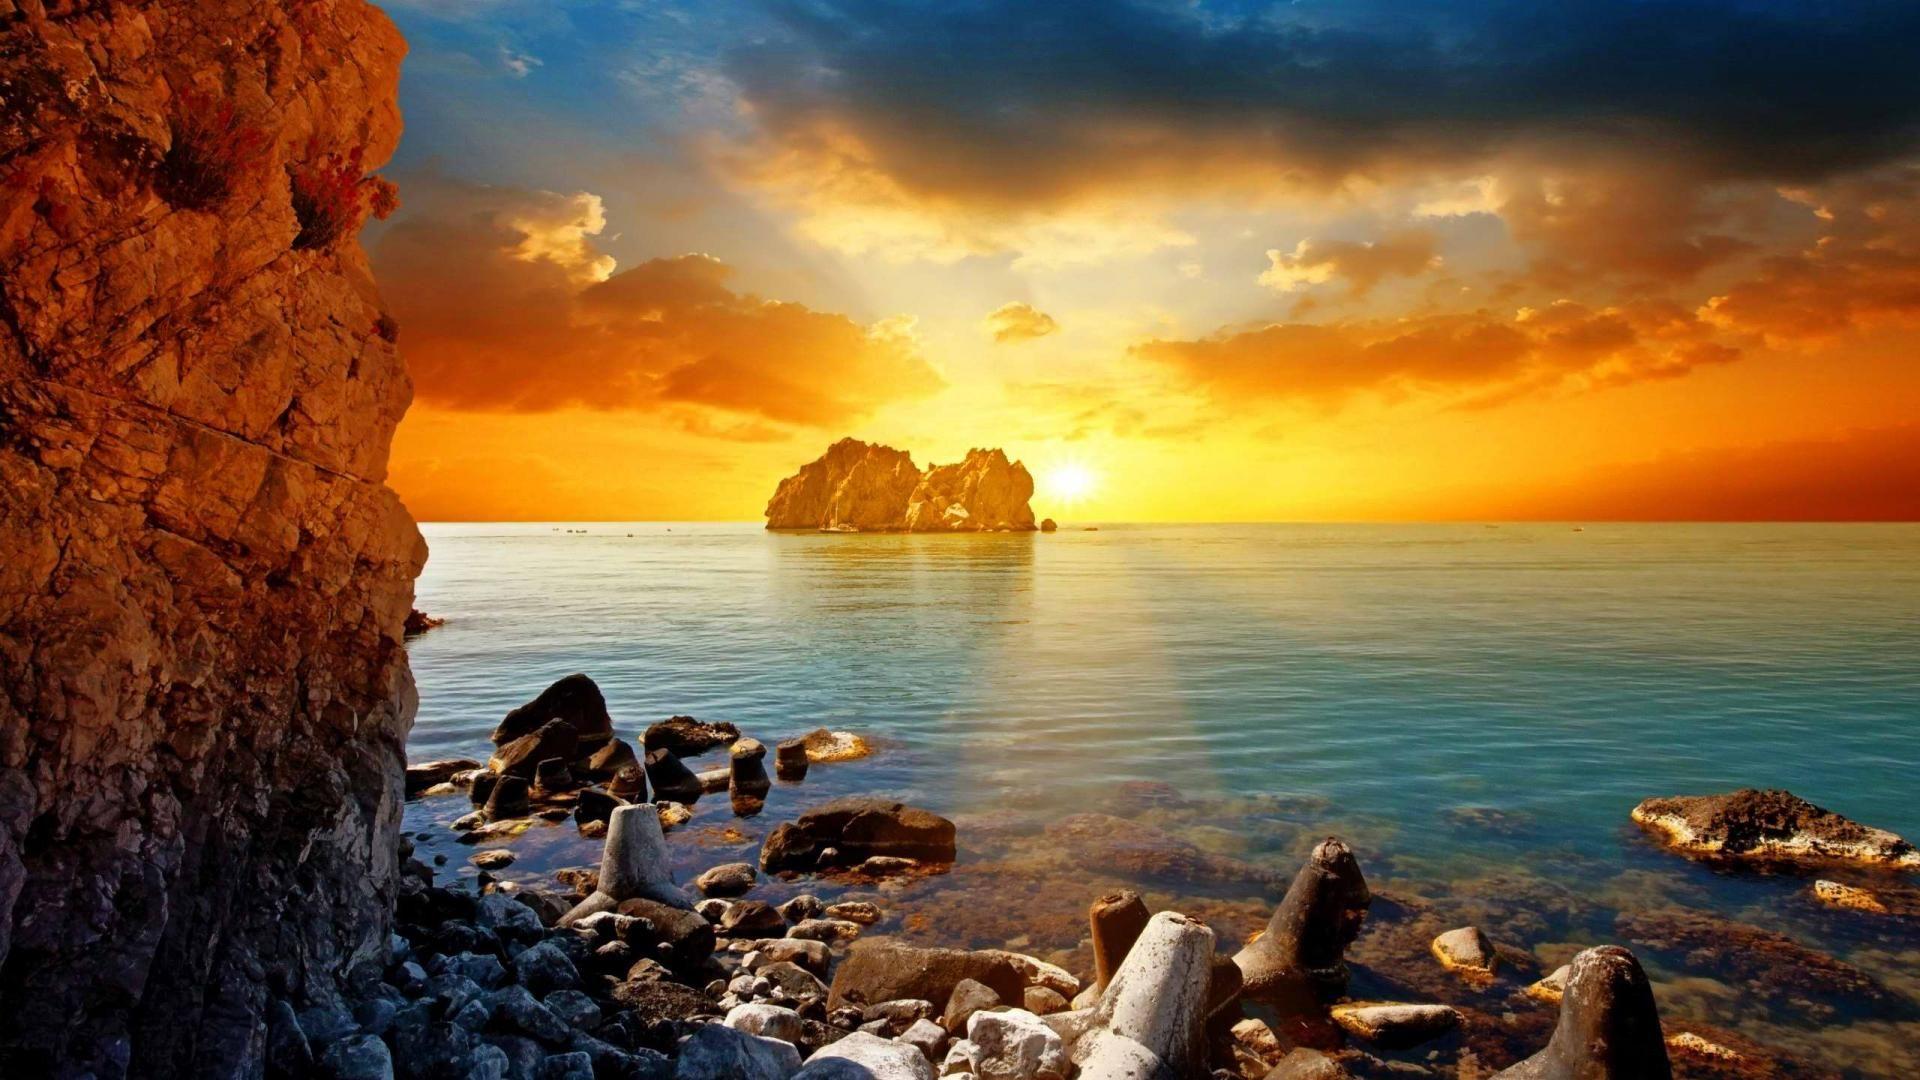 Widescreen Beach Sunset Hd Wallpapers Top Destinations Pinterest